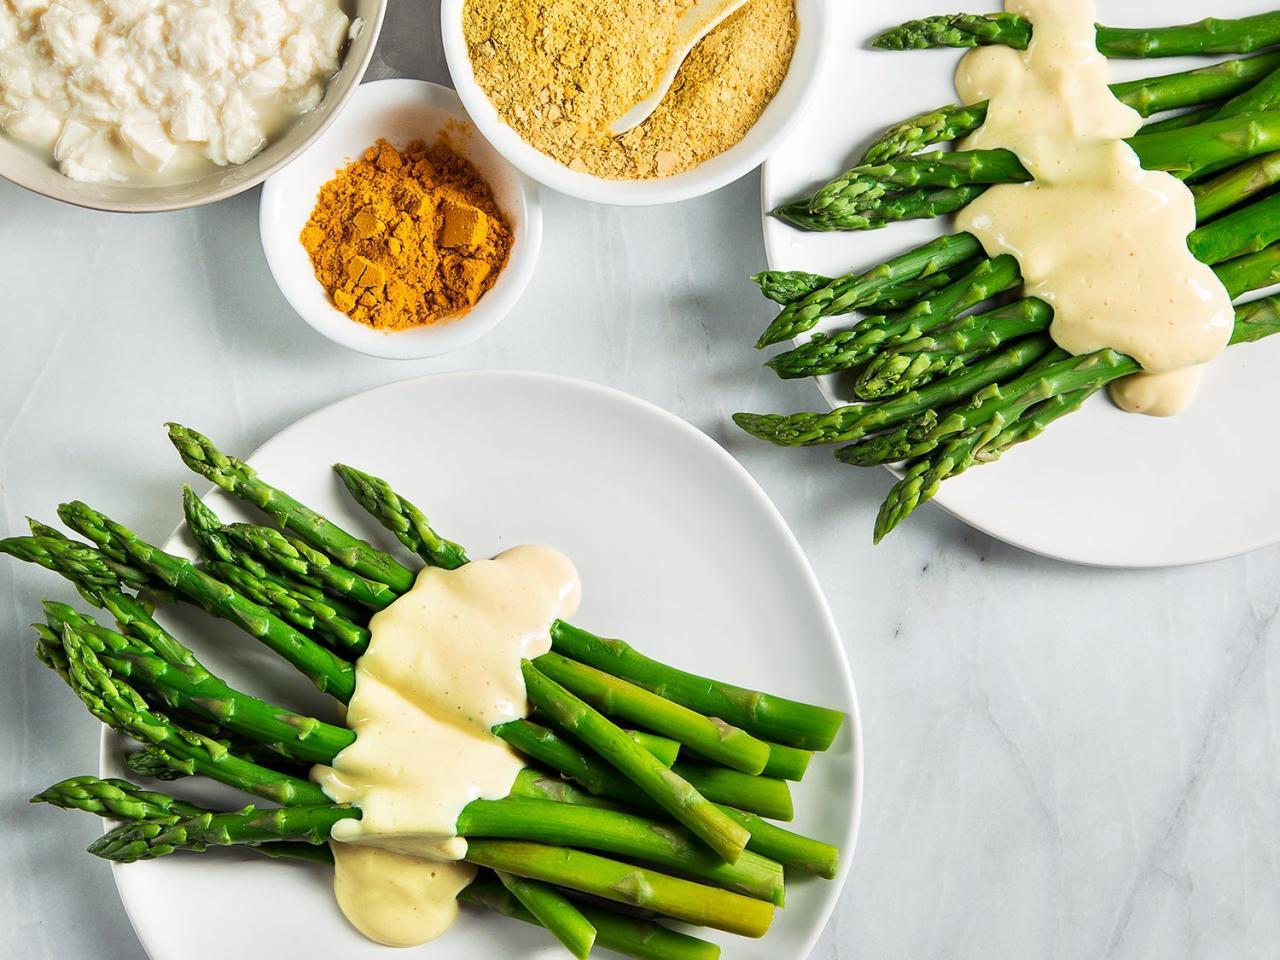 Giá trị dinh dưỡng món chay từ măng tây